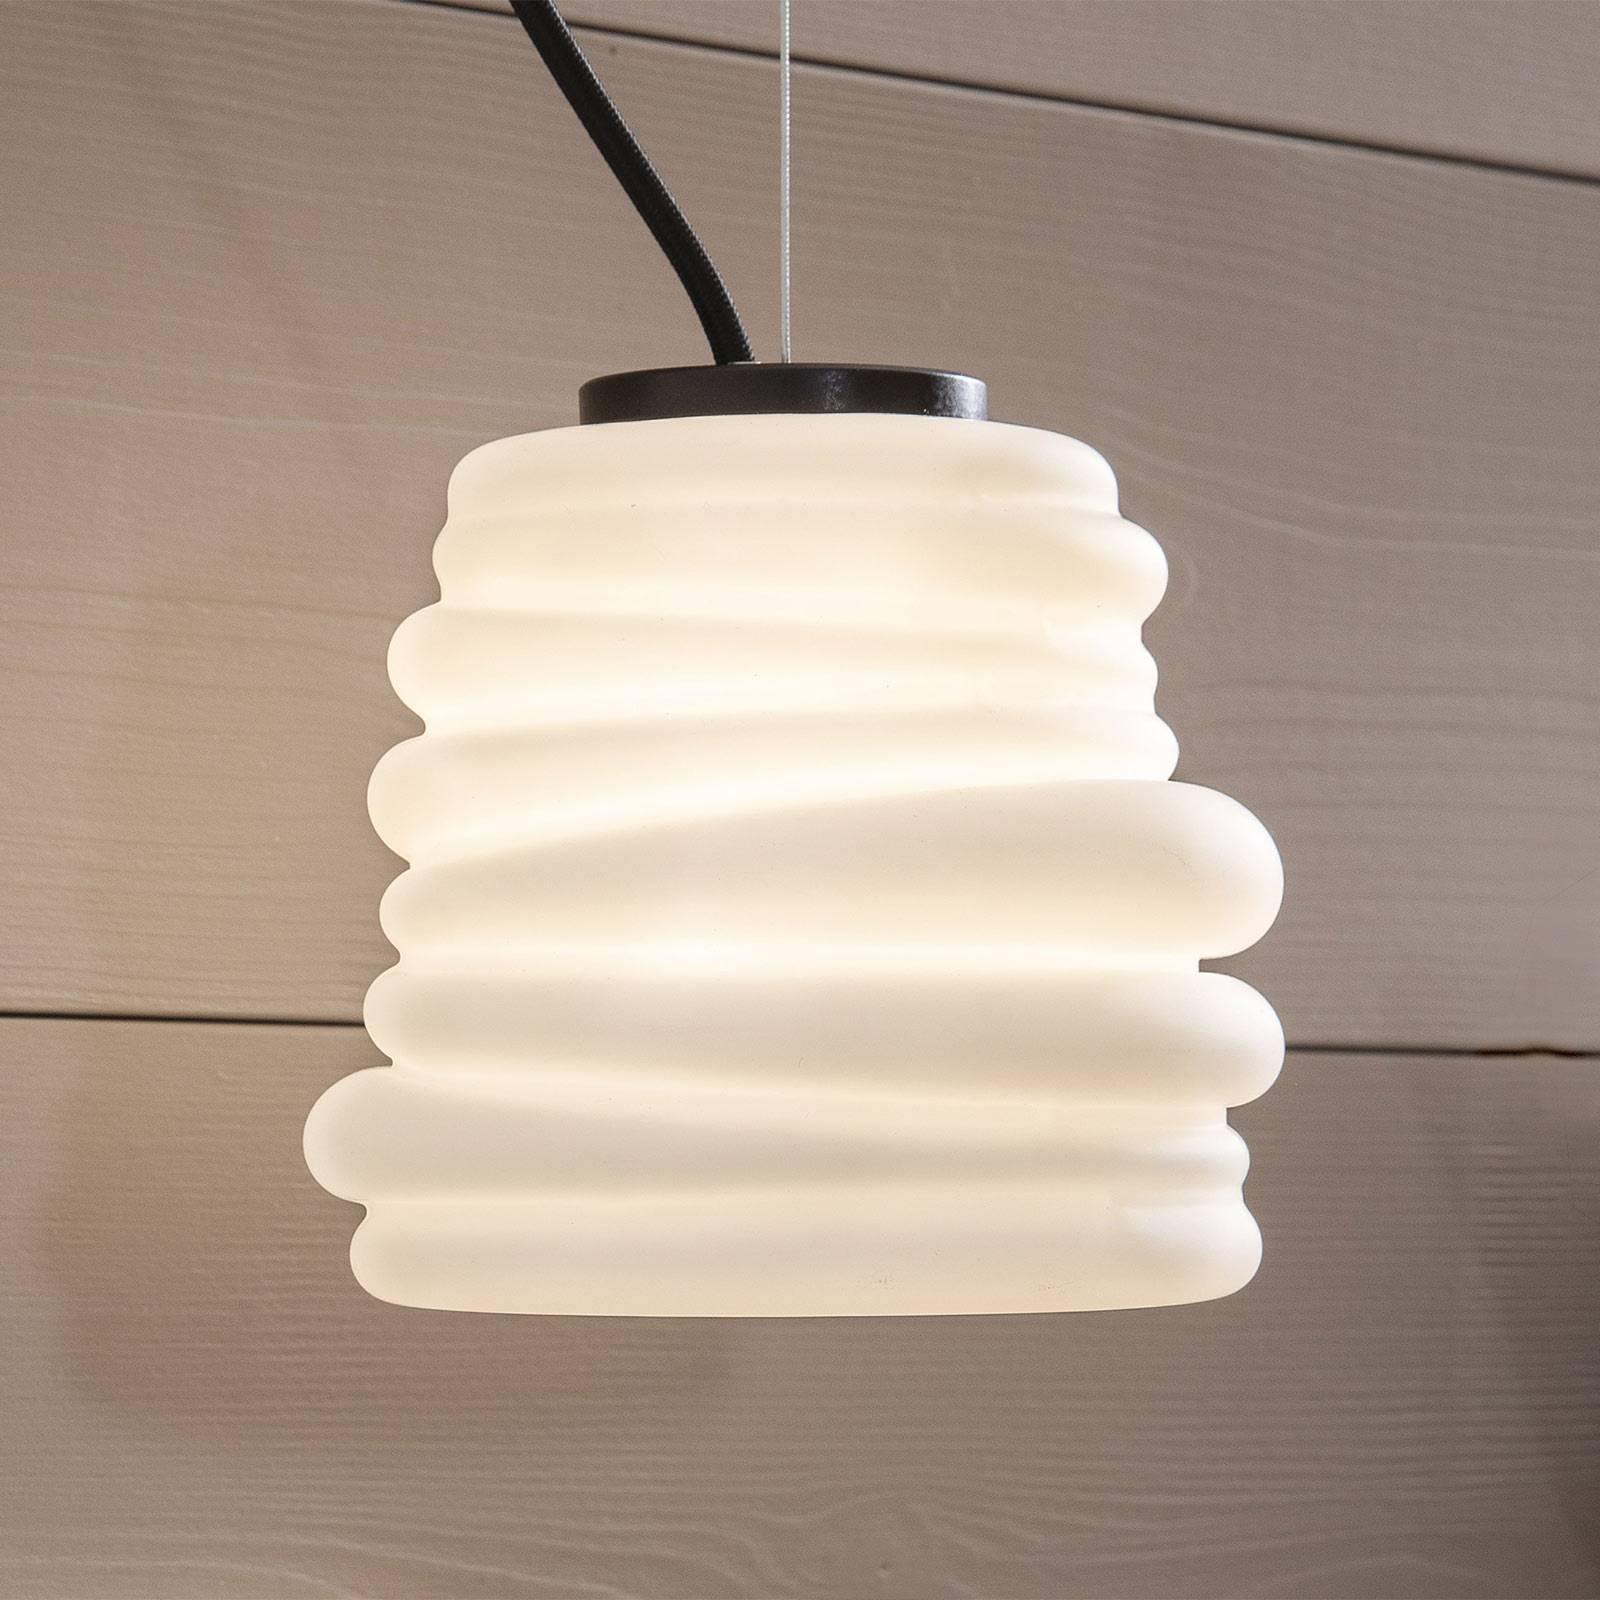 Karman Bibendum-LED-riippuvalaisin Ø15cm valkoinen